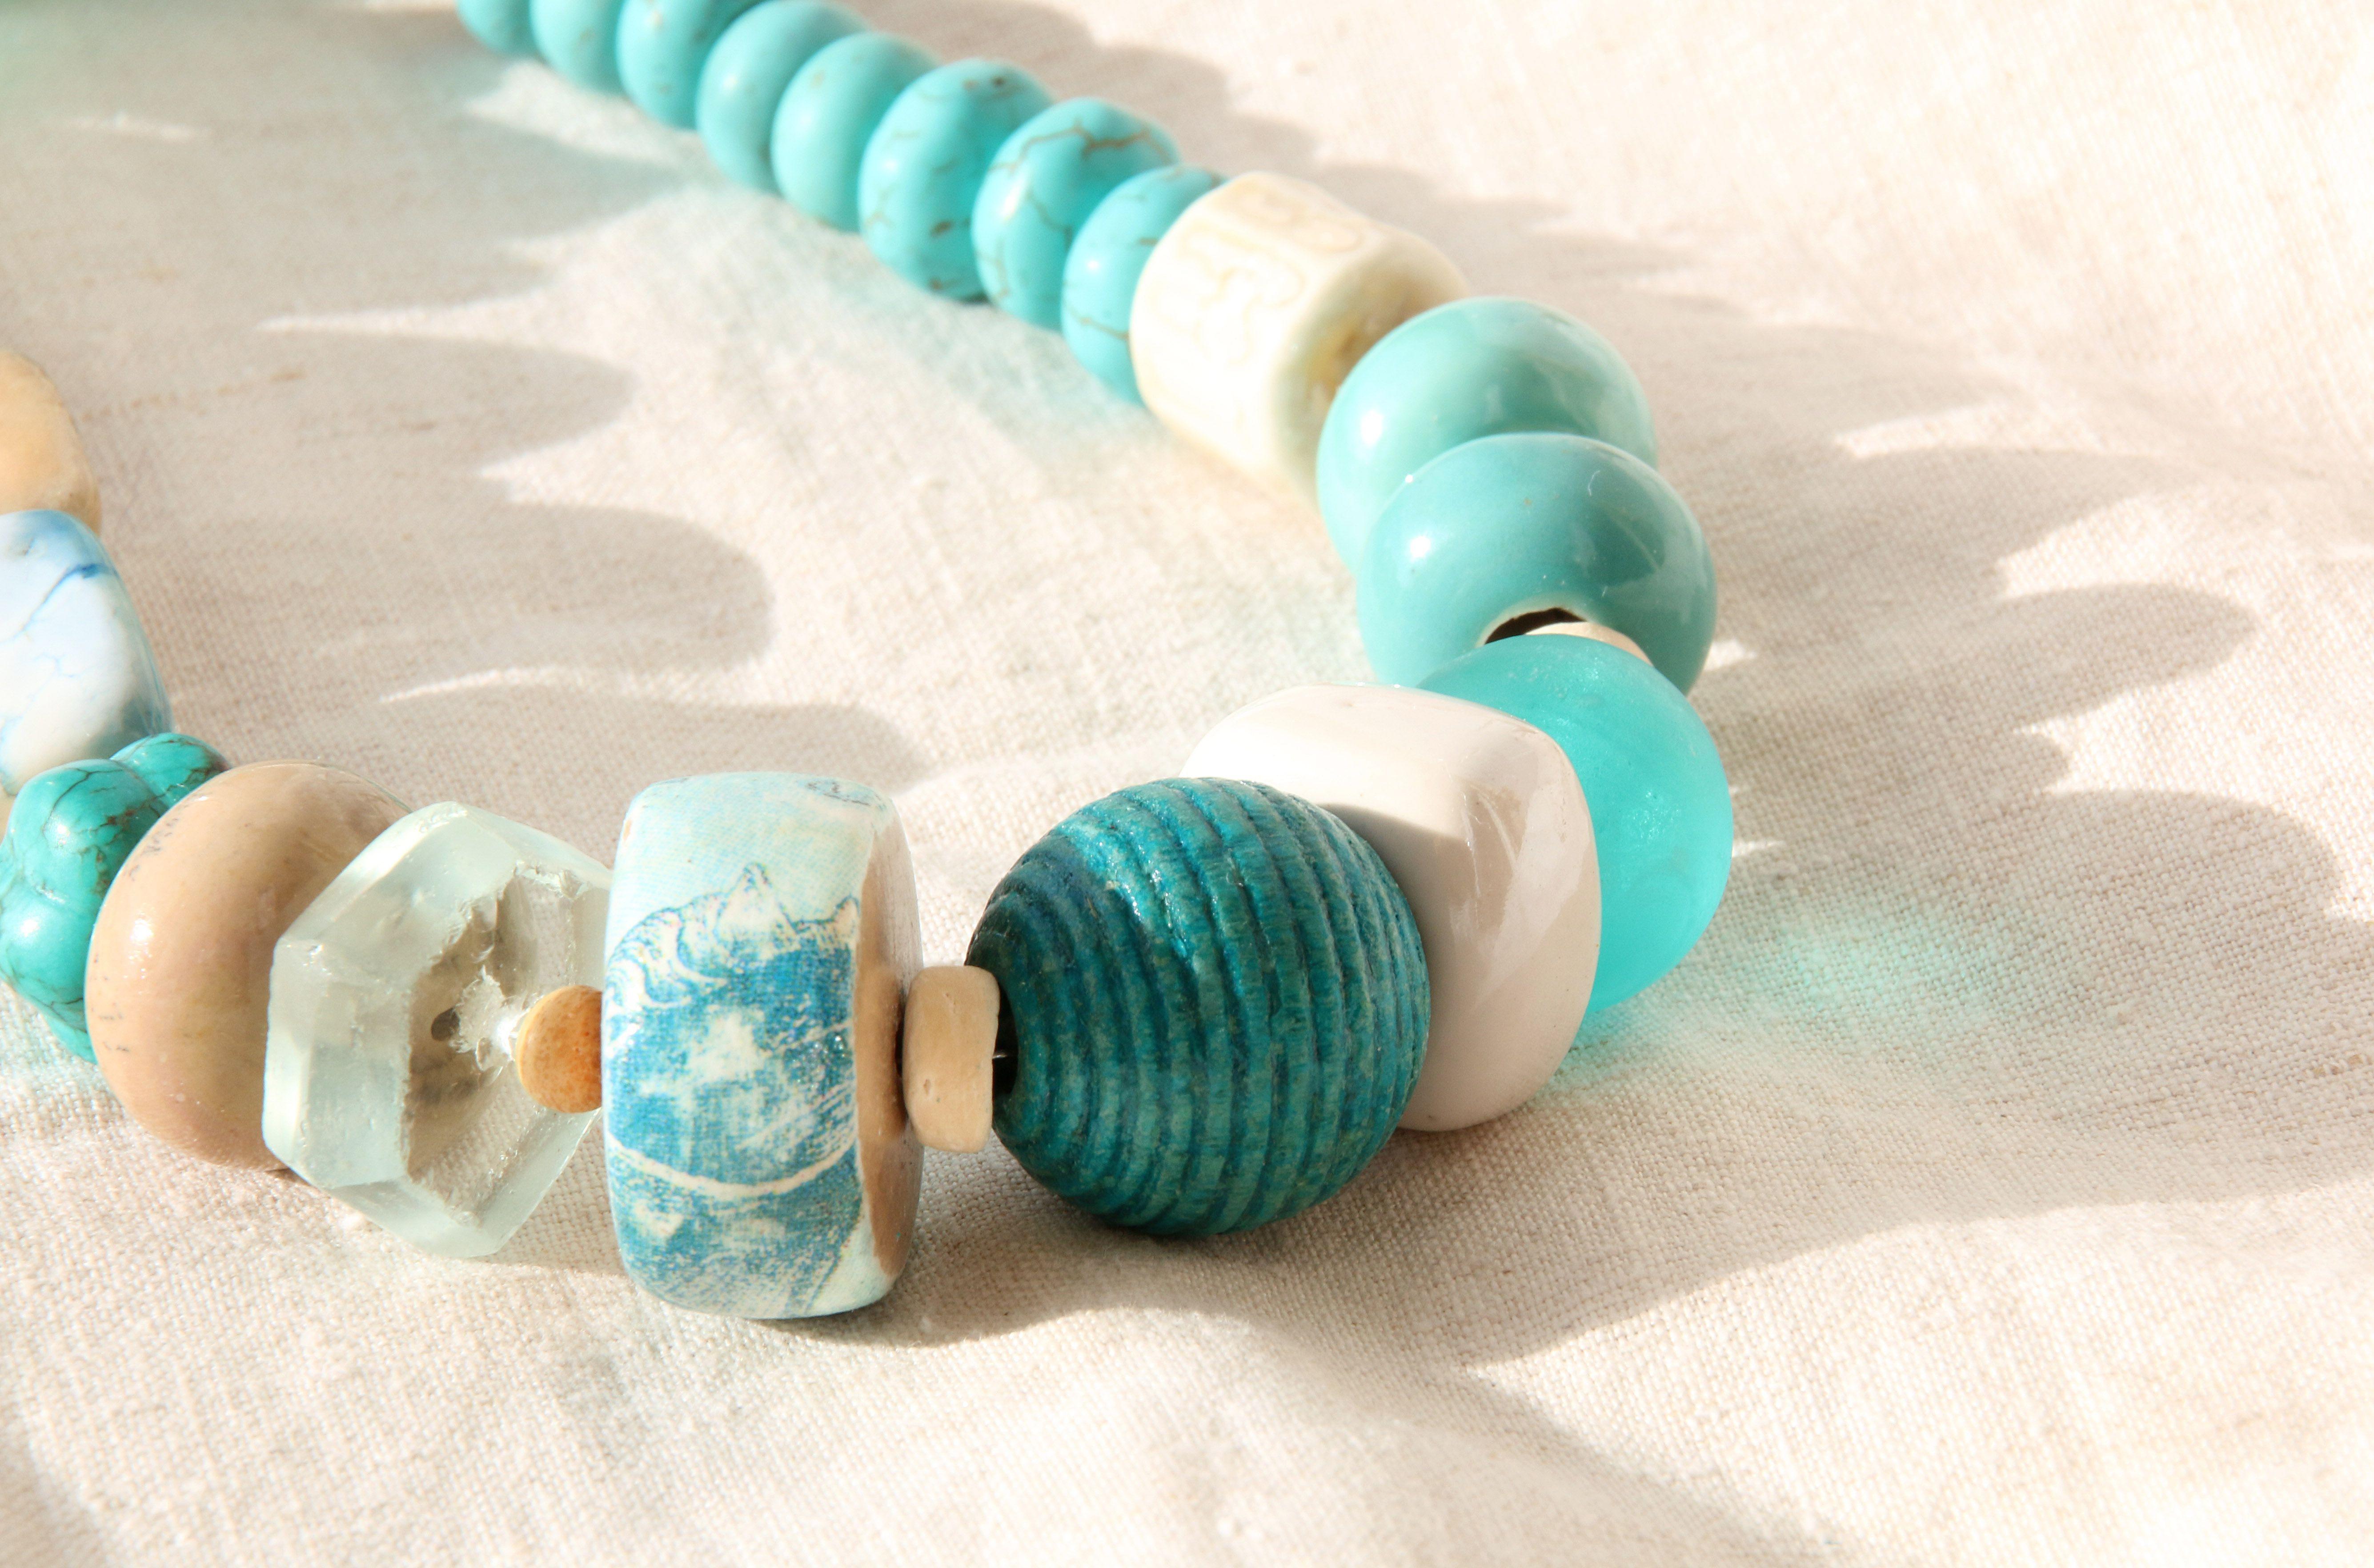 мятный бирюзовый волна бусы ионическое южный греция бохо морской песочный декупаж прозрачный украшения белый авторские морская